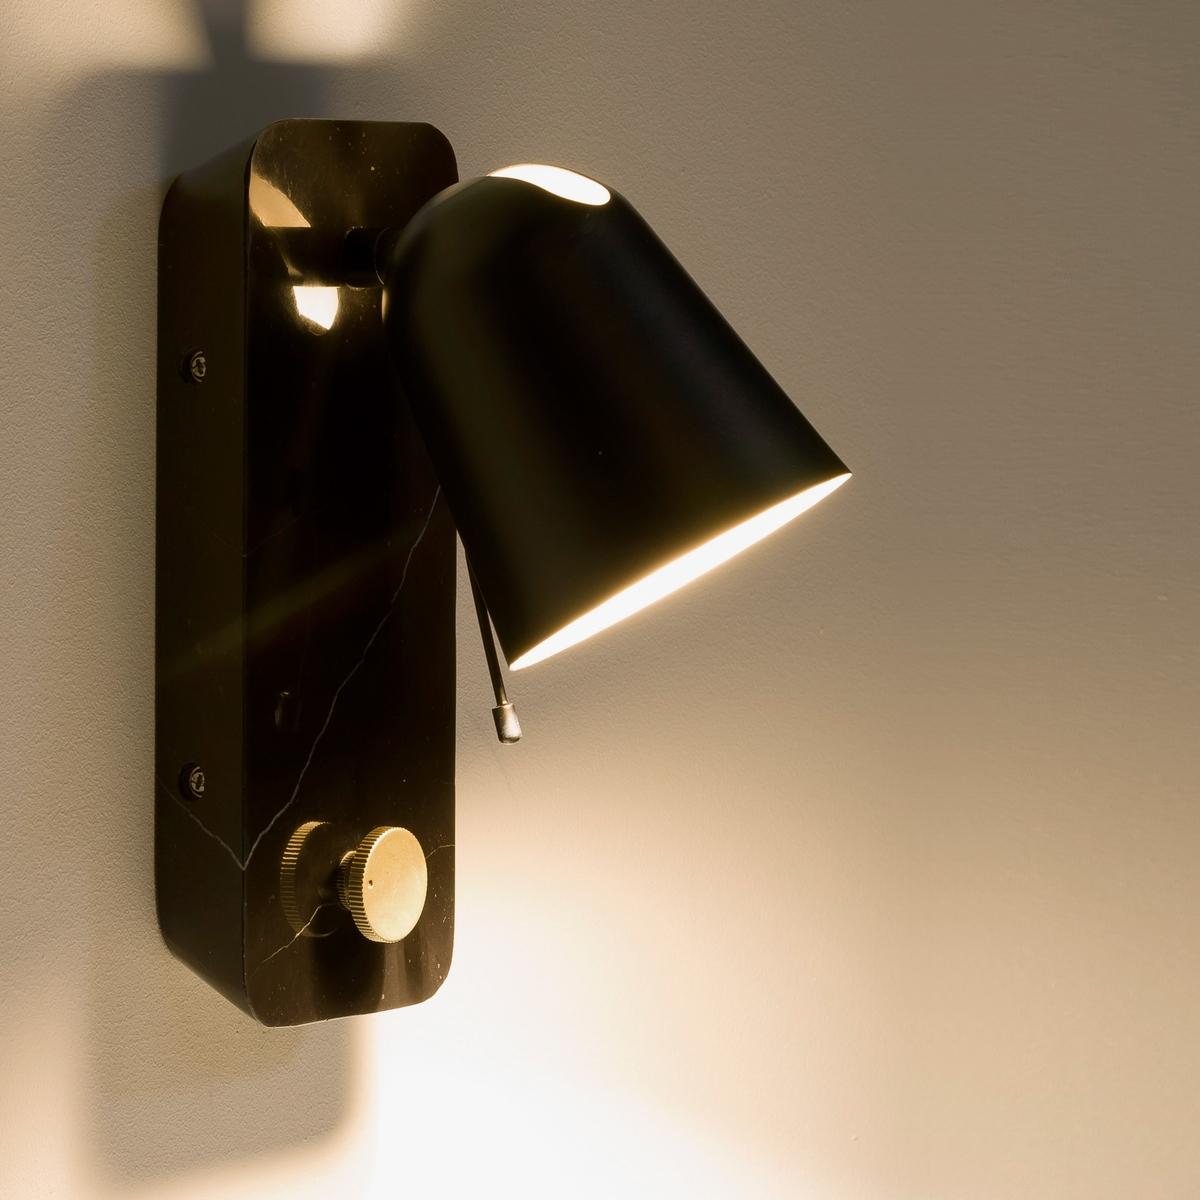 Светильник CristianiСветильник регулируемый . Низ из настоящего мрамора, размеры. 10 x 17 x В.23 см.Абажур с золотистым покрытием внутри . Регулятор силы света золотистого цвета . Лампочка G9 40 W, не входит в комплект, патрон G9. Этот светильник совместим с лампочками    энергетического класса   E . .<br><br>Цвет: черный